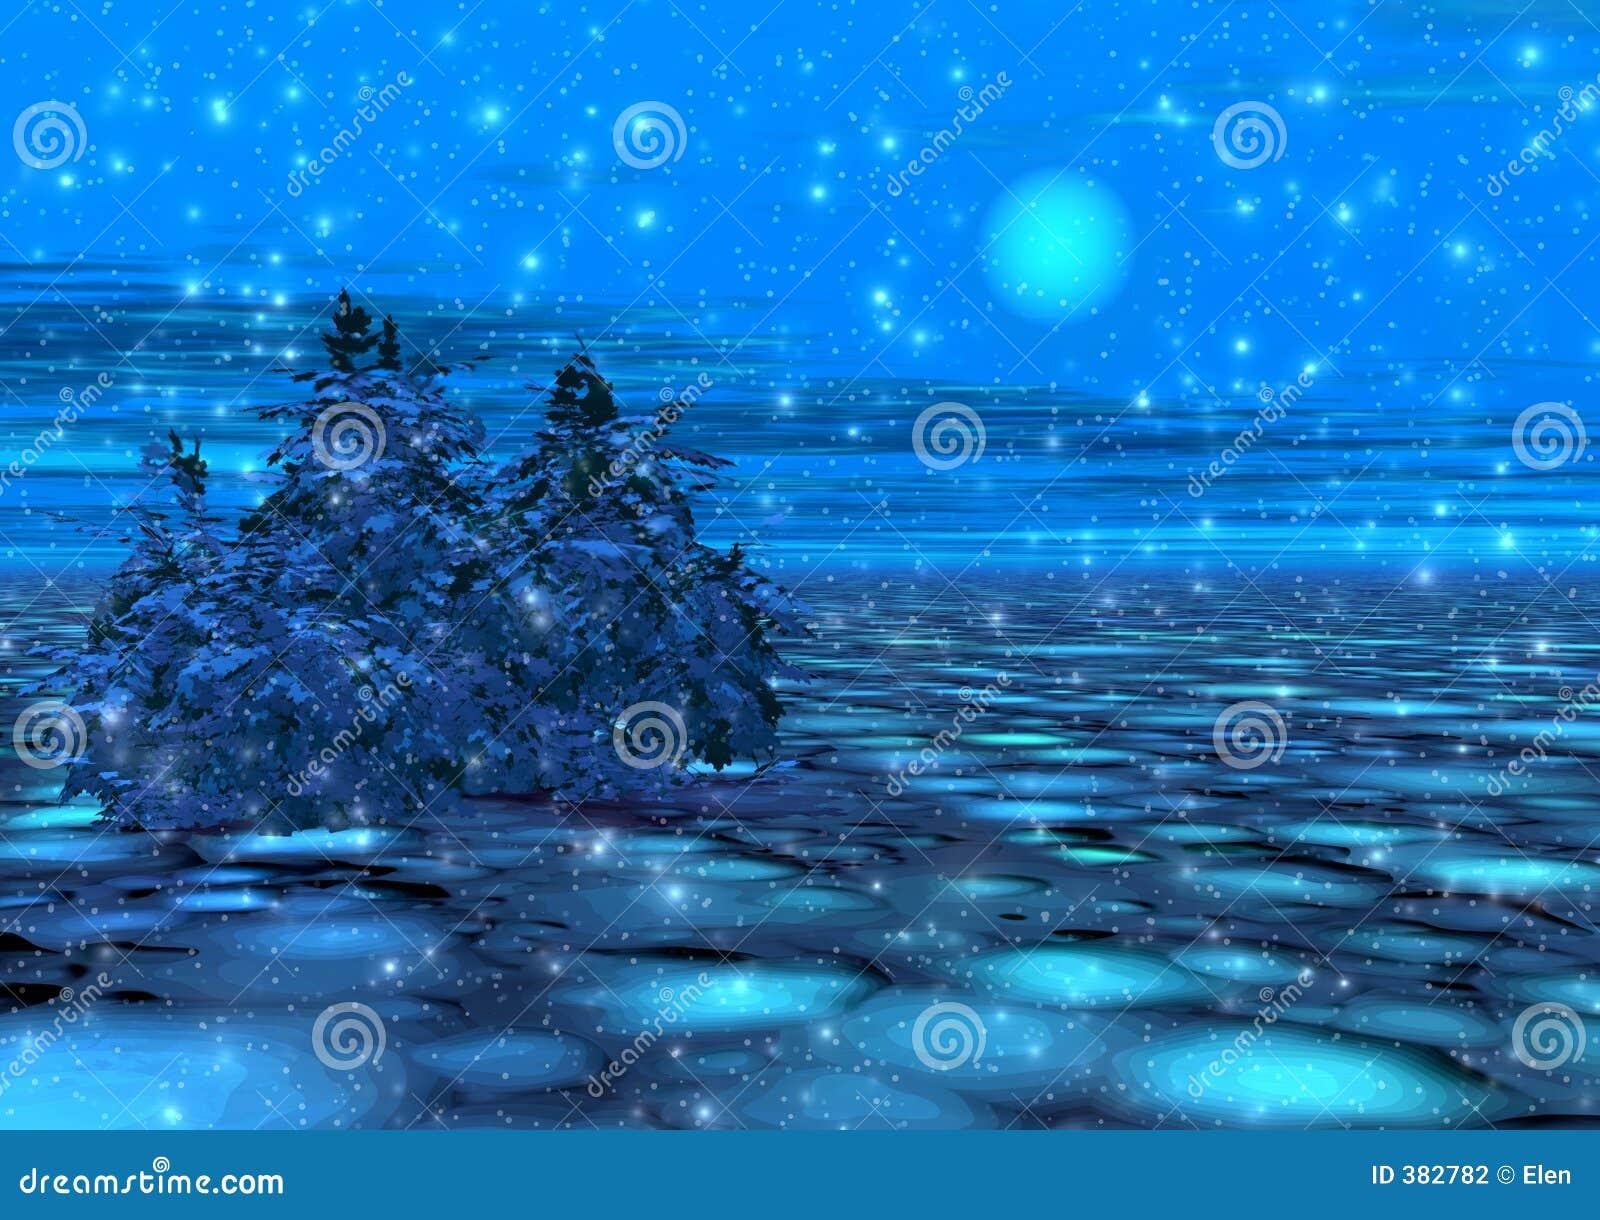 φανταστικός χειμώνας σεληνόφωτου